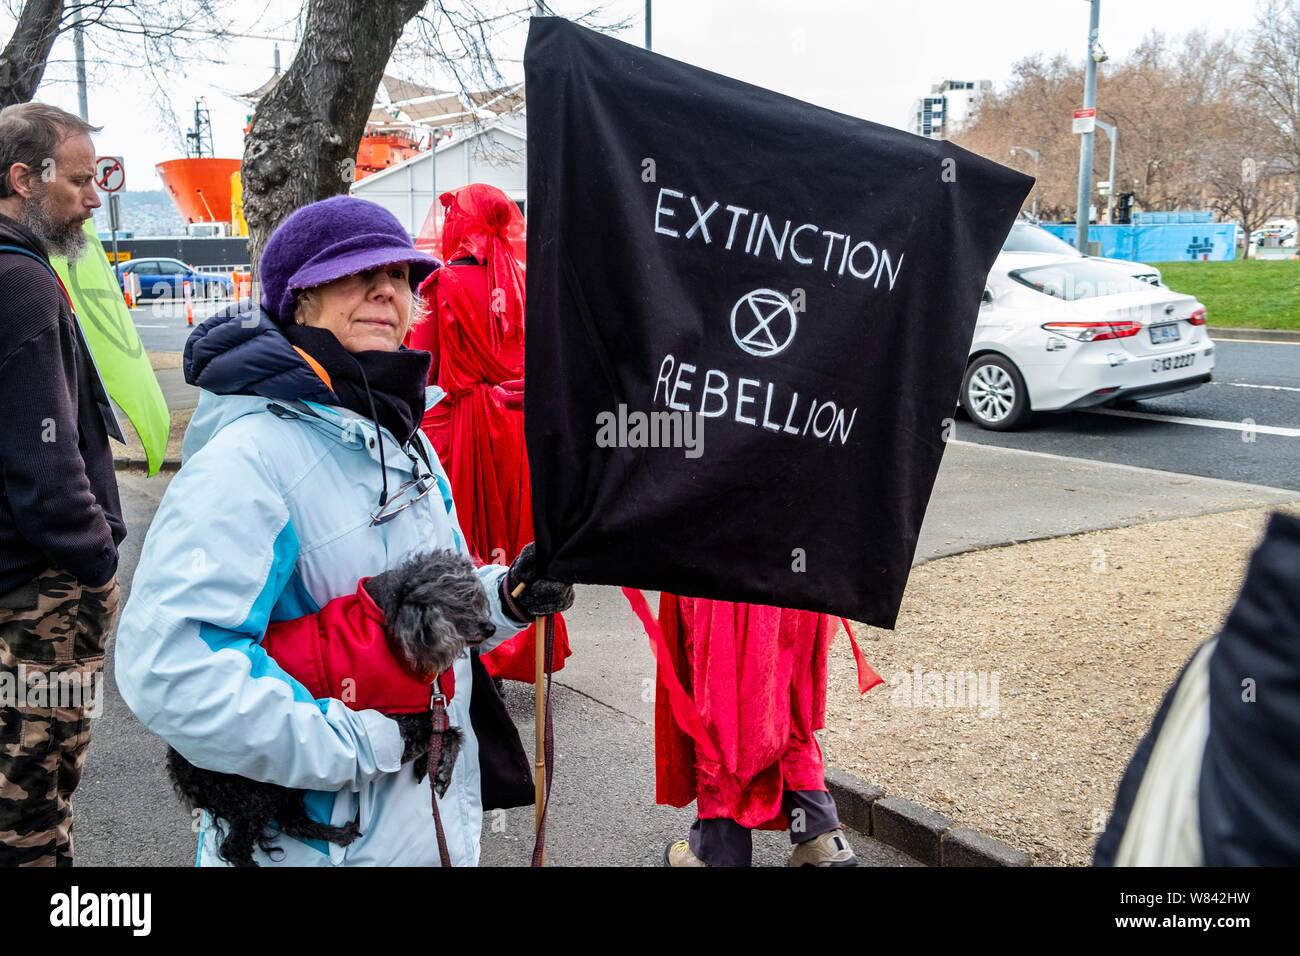 Une femme âgée avec son chien à l'extinction de rébellion protester contre le changement climatique l'inaction, à l'extérieur du Parlement de Tasmanie à Hobart, aujourd'hui (jeudi 8 août, 2019) Banque D'Images